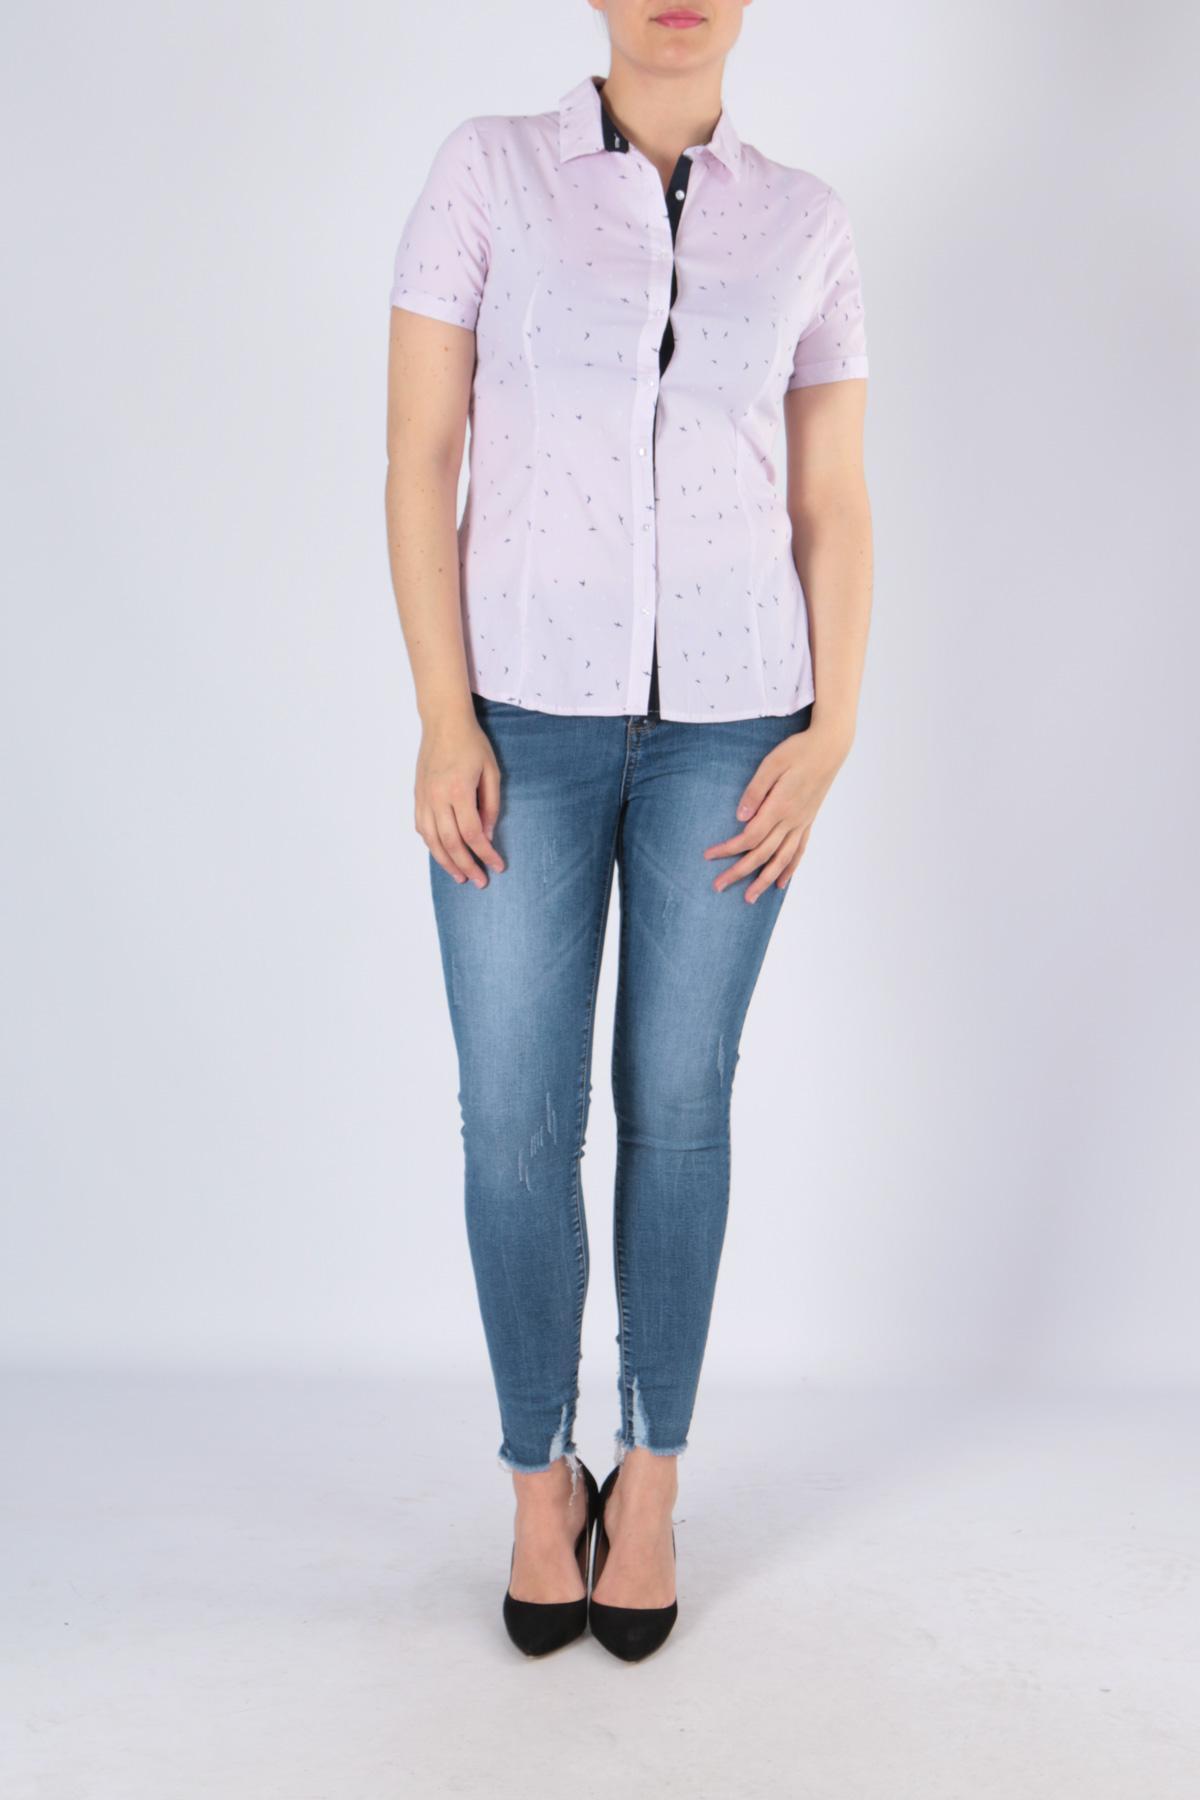 Chemises & blouses Femme Rose Melya Melody M8131 #c eFashion Paris